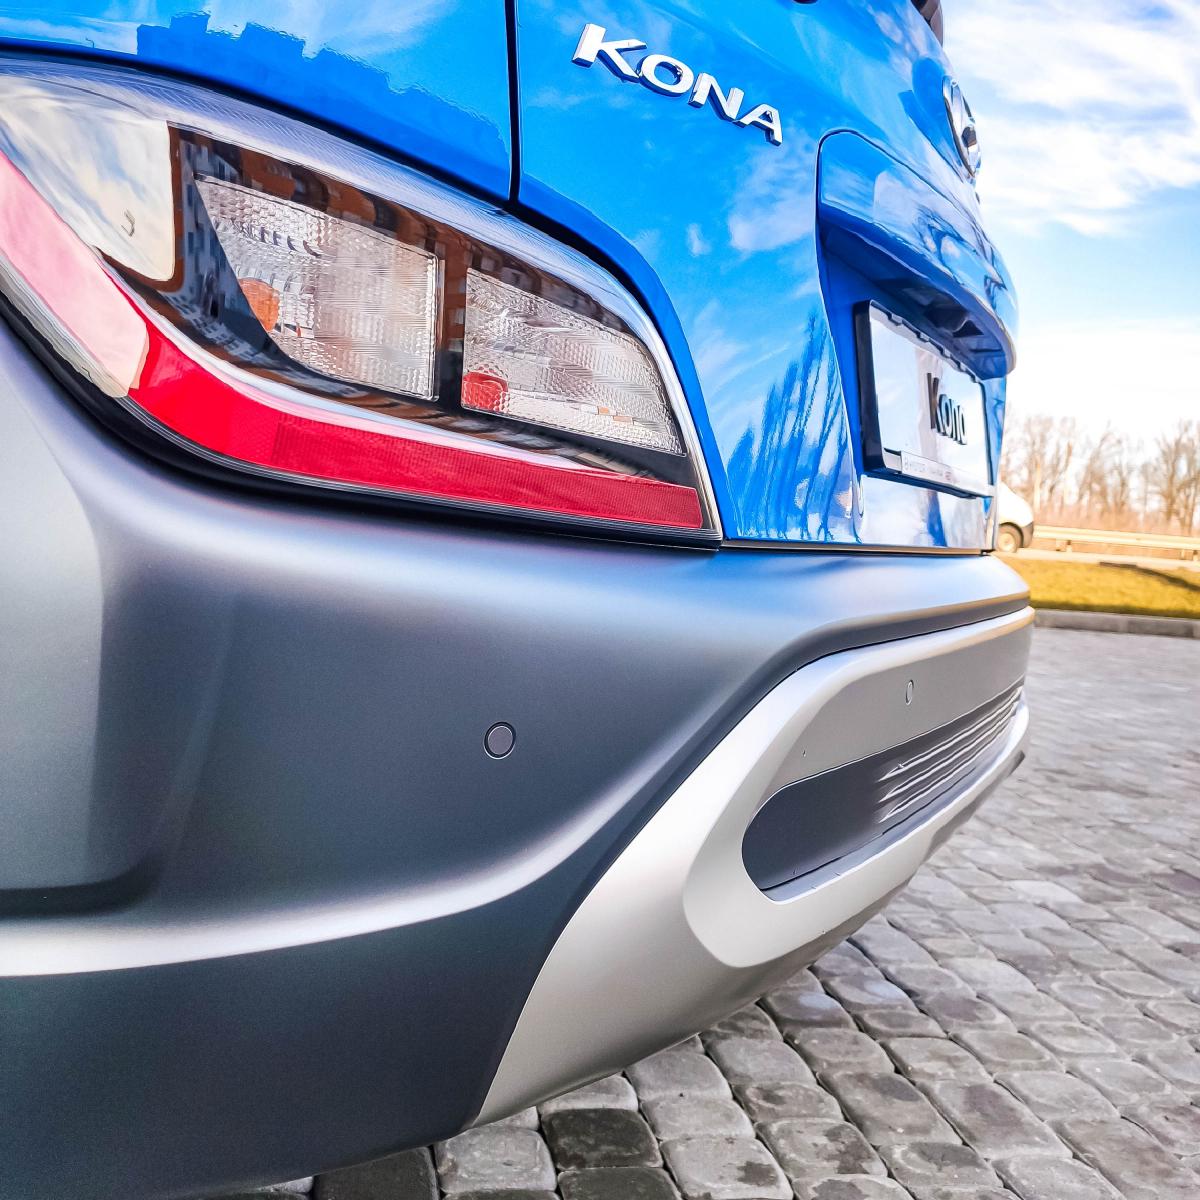 Надзвичайний автомобіль з незвичайним кольором!   Хюндай Мотор Україна - фото 12